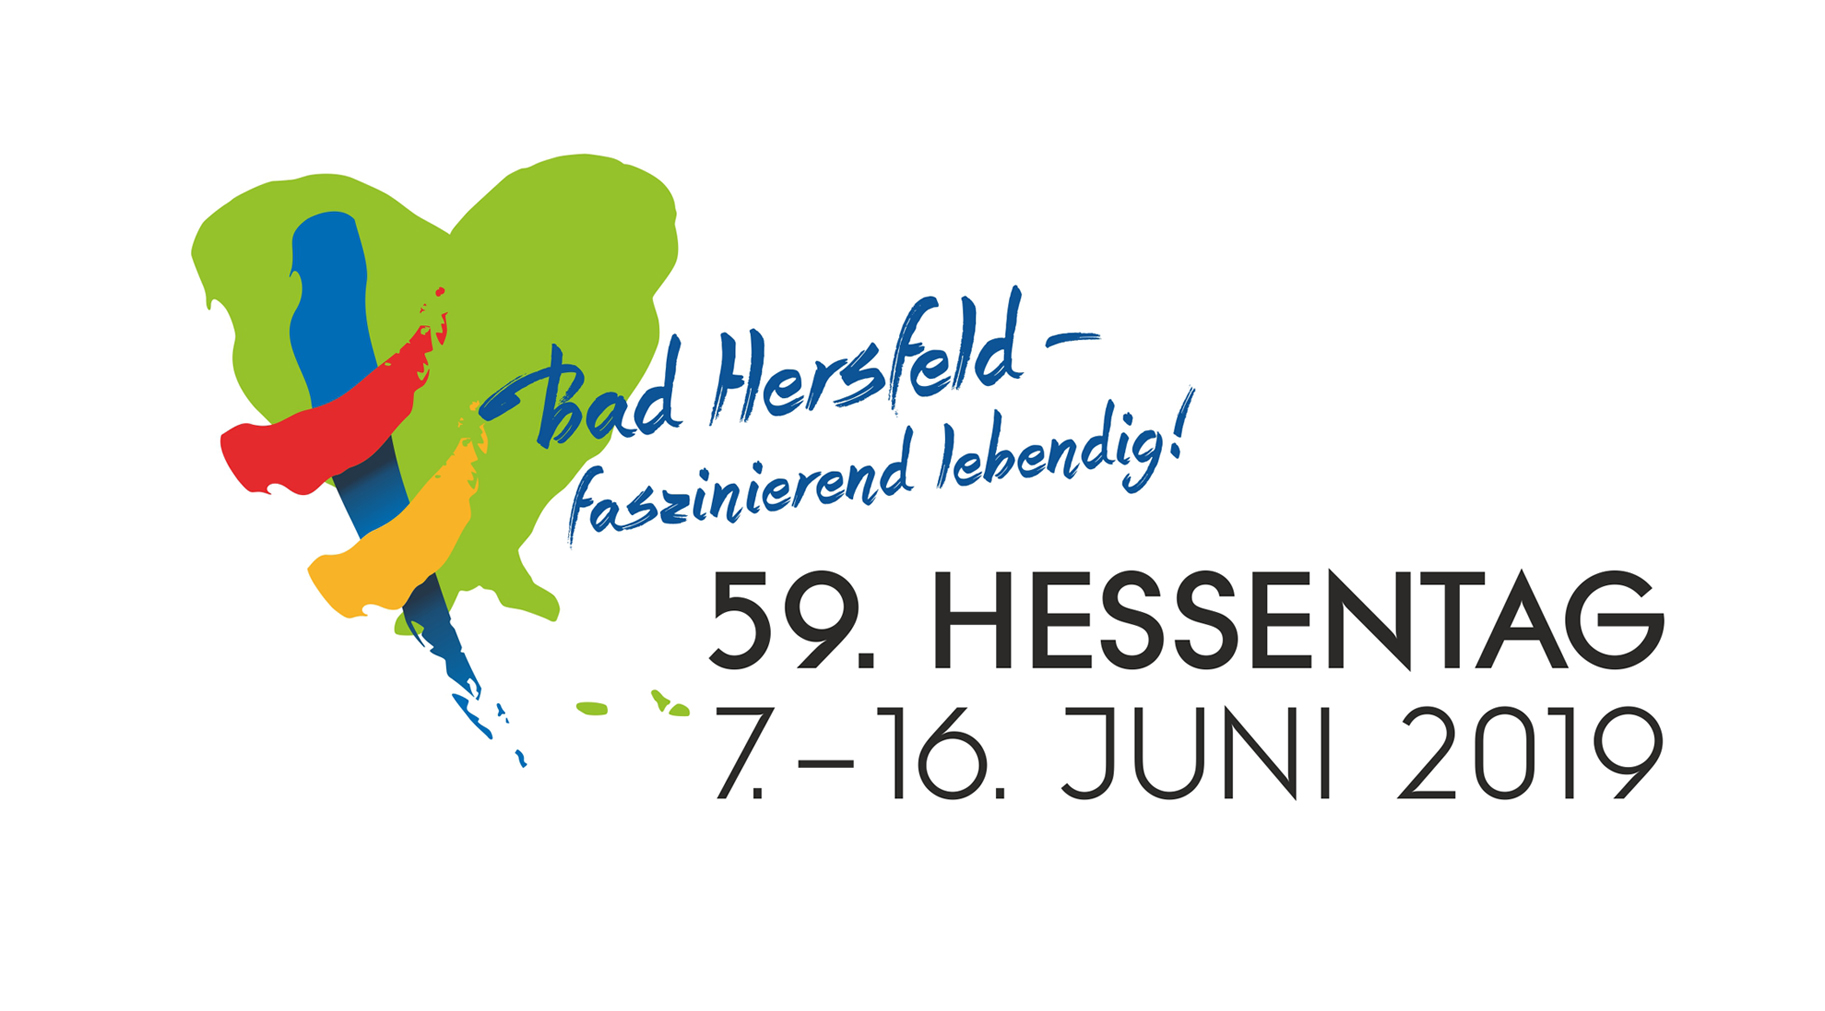 bad hersfeld hessentag